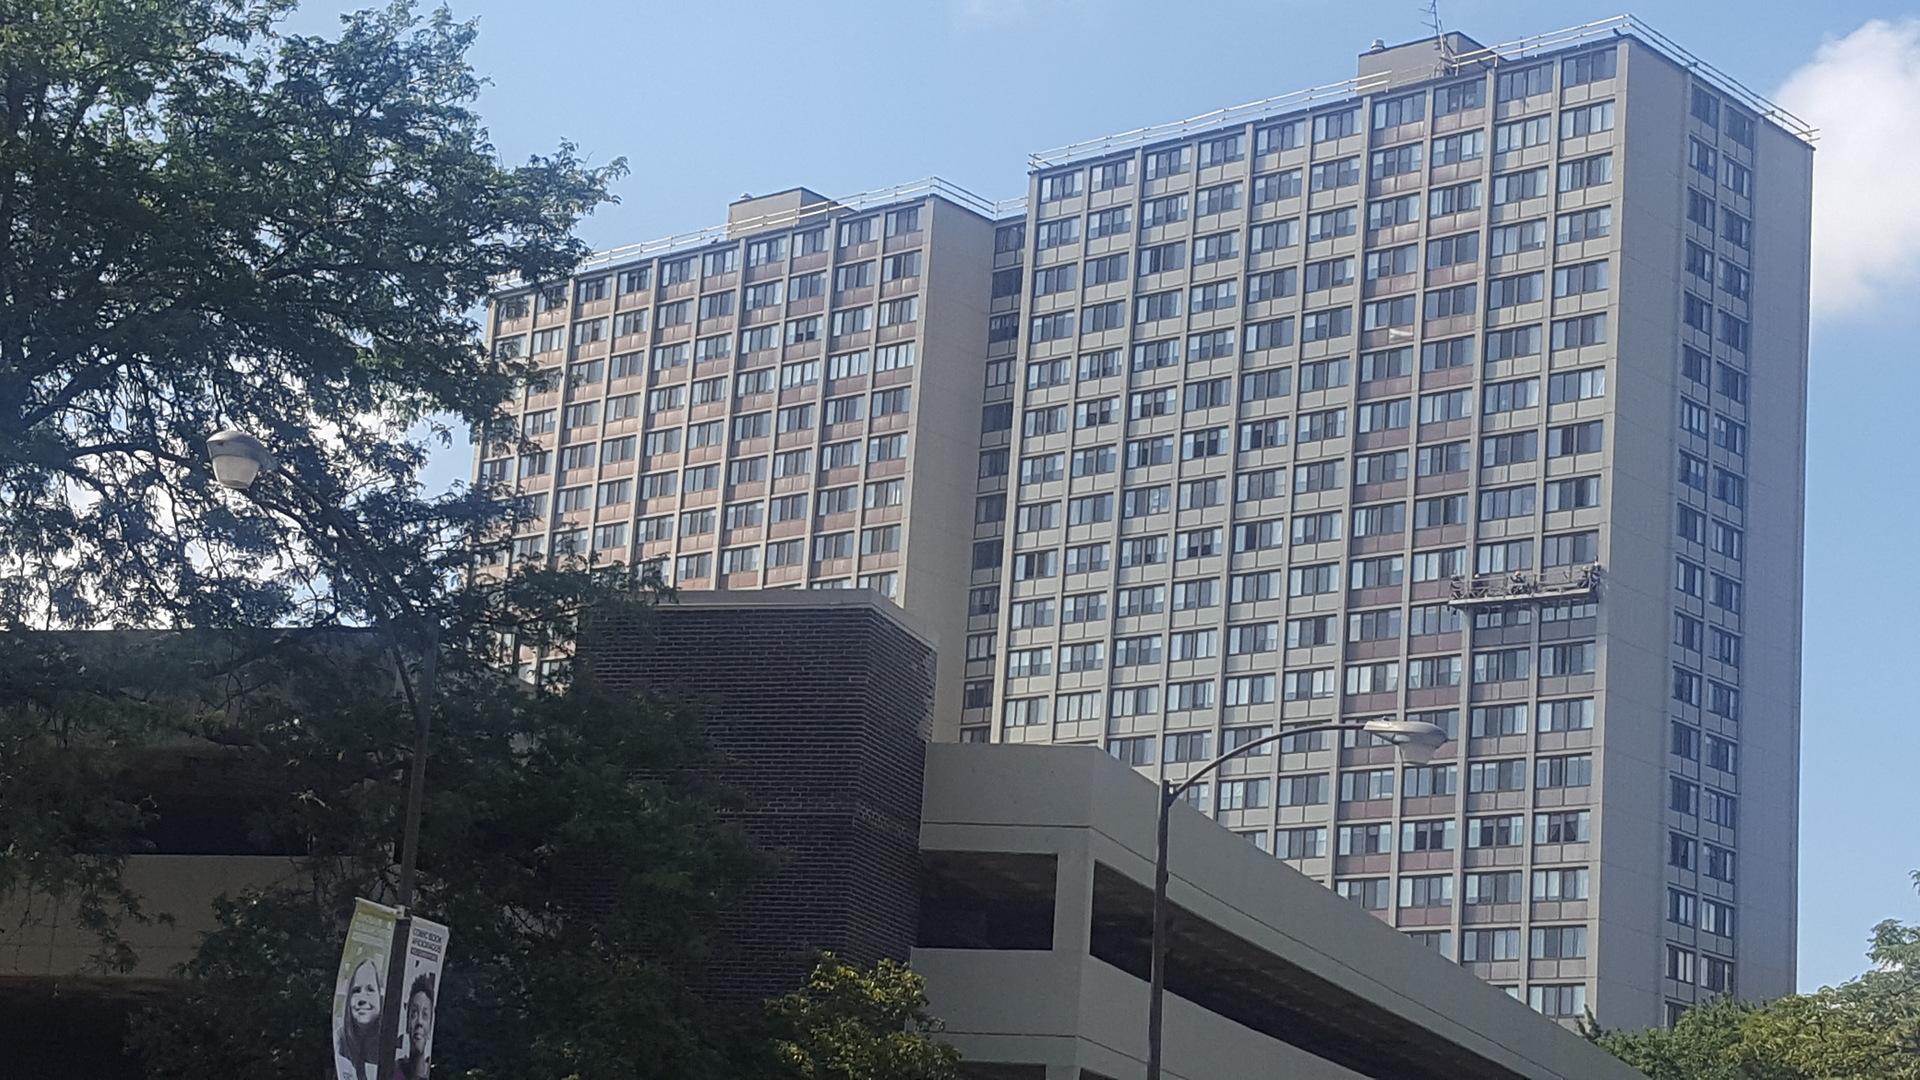 4850 Lake Park Unit Unit 212 ,Chicago, Illinois 60615